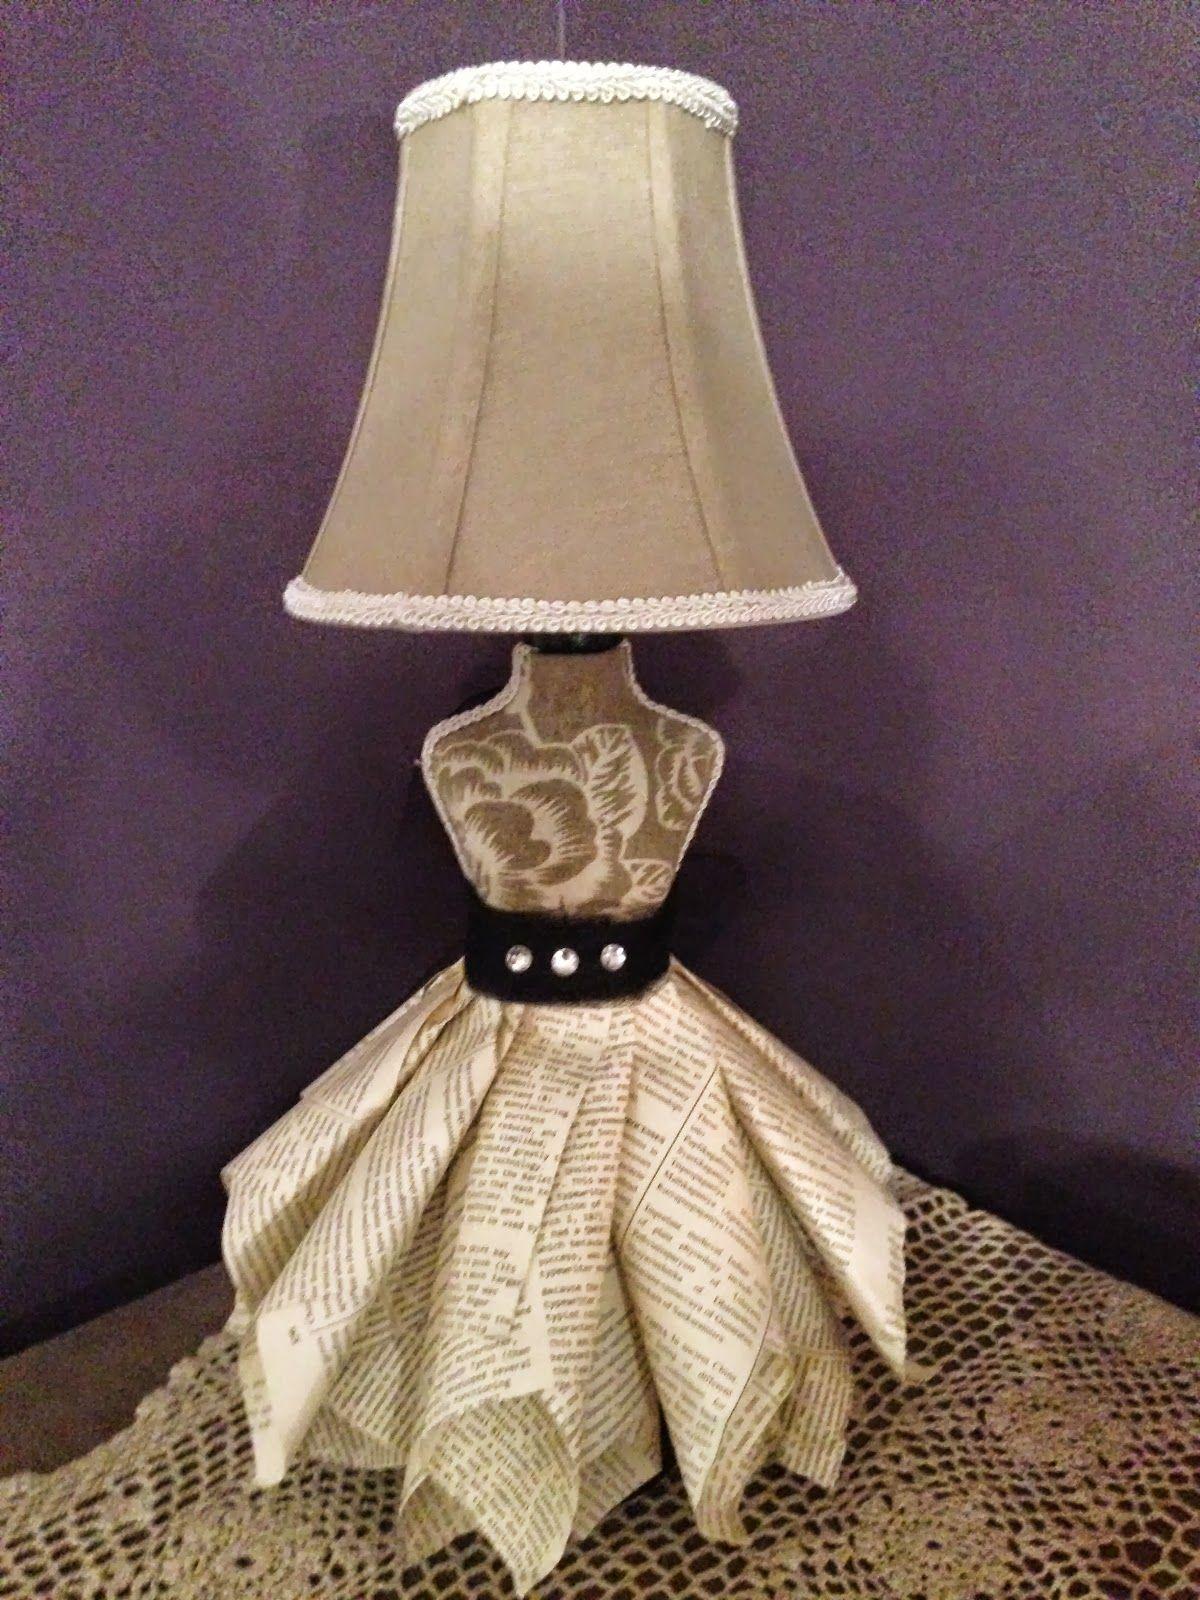 Dress Form Lamp Craft Room Decor Diy Lamp Shade Make A Lampshade